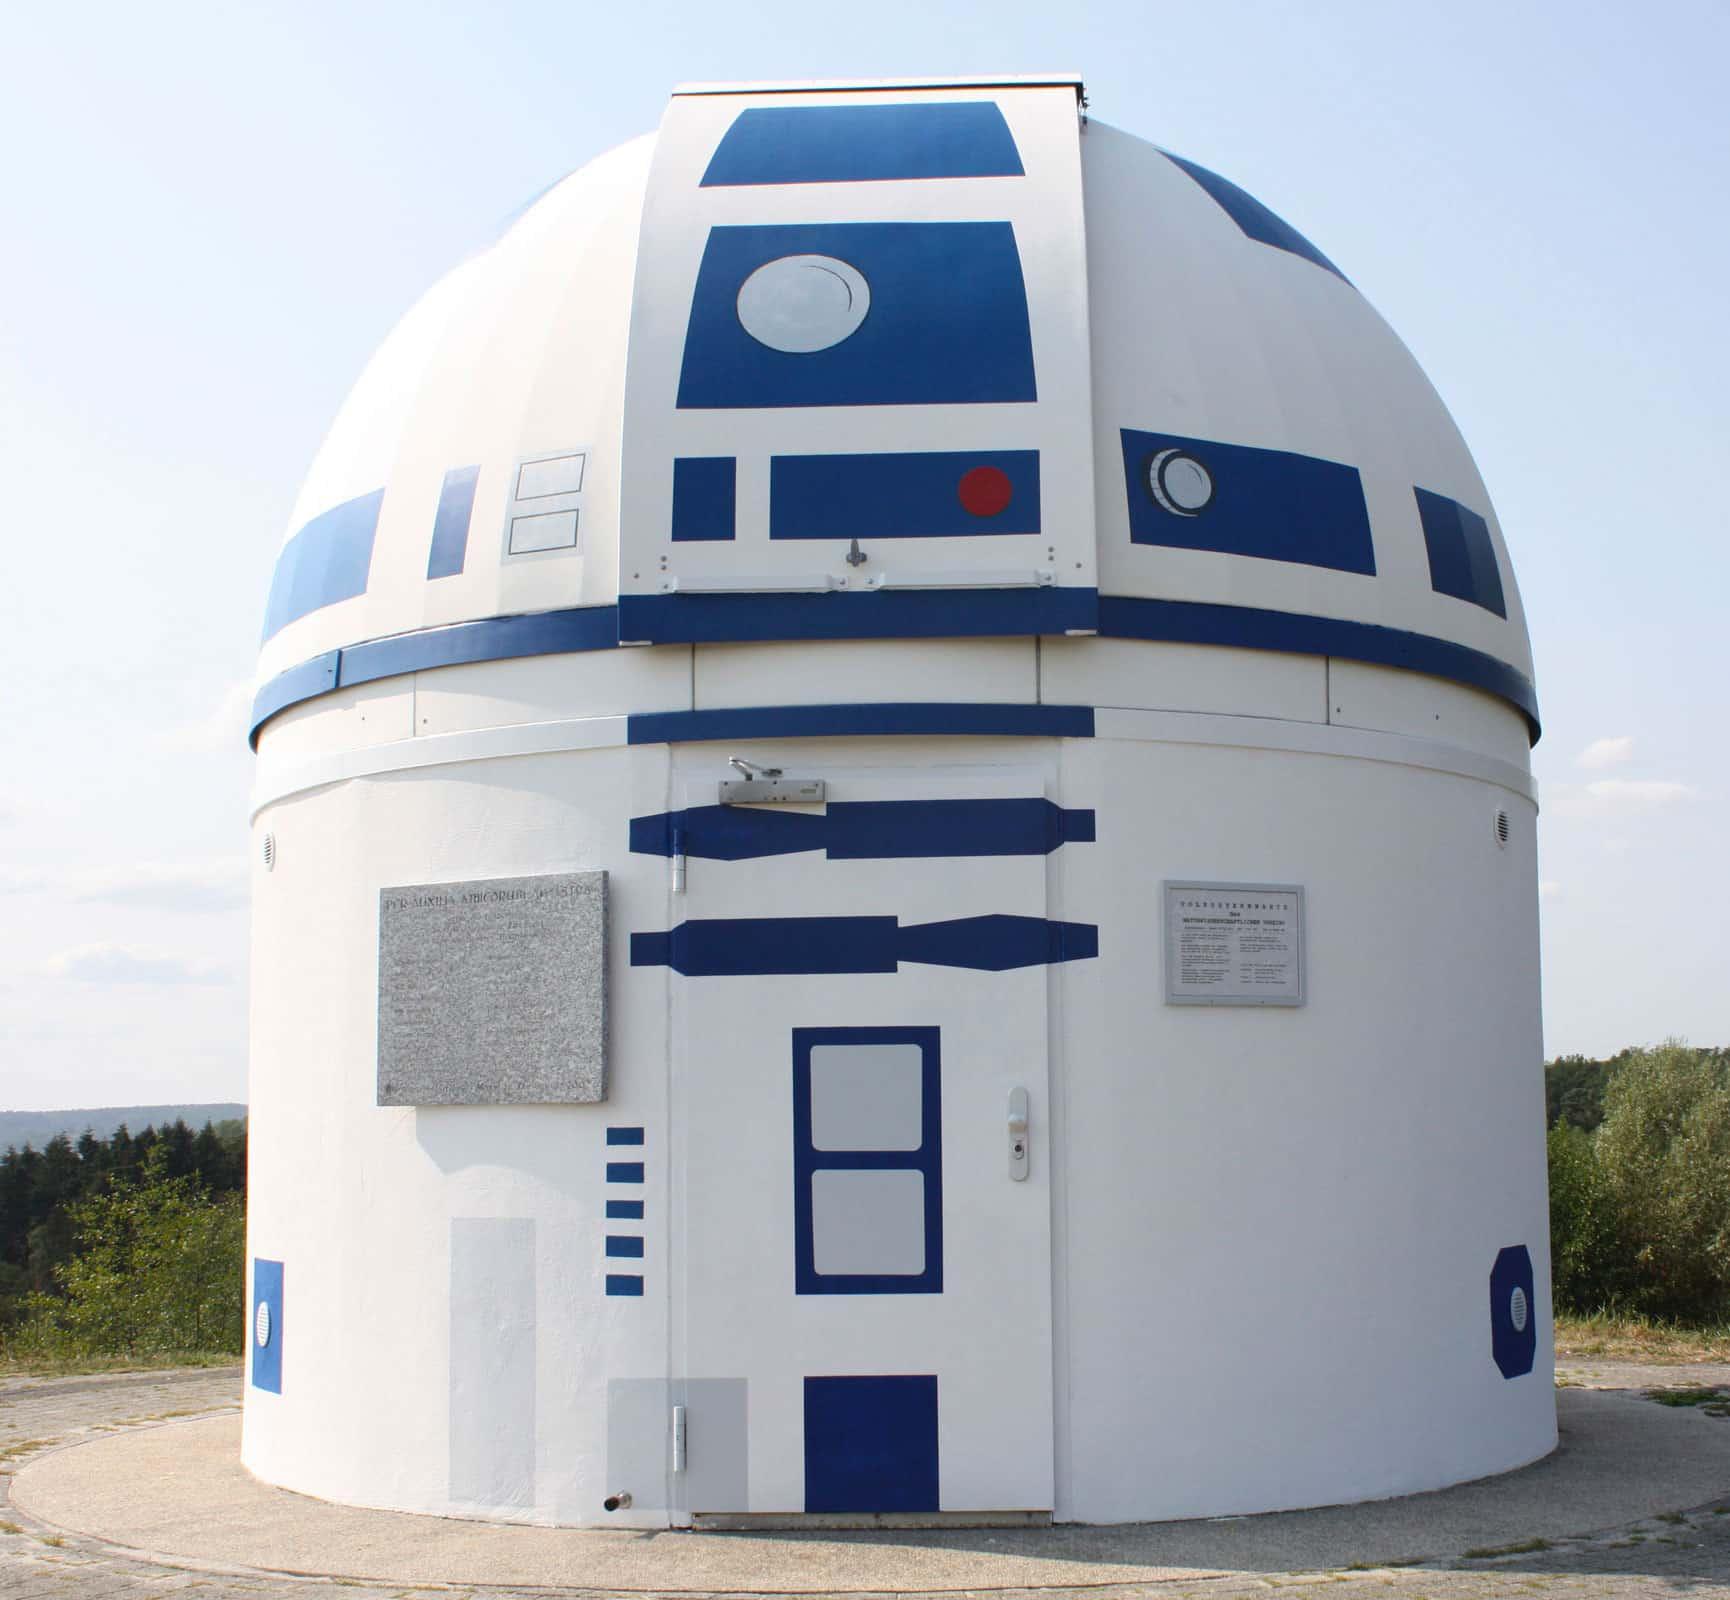 entrada de observatorio pintado de personaje de star wars r2d2 street art